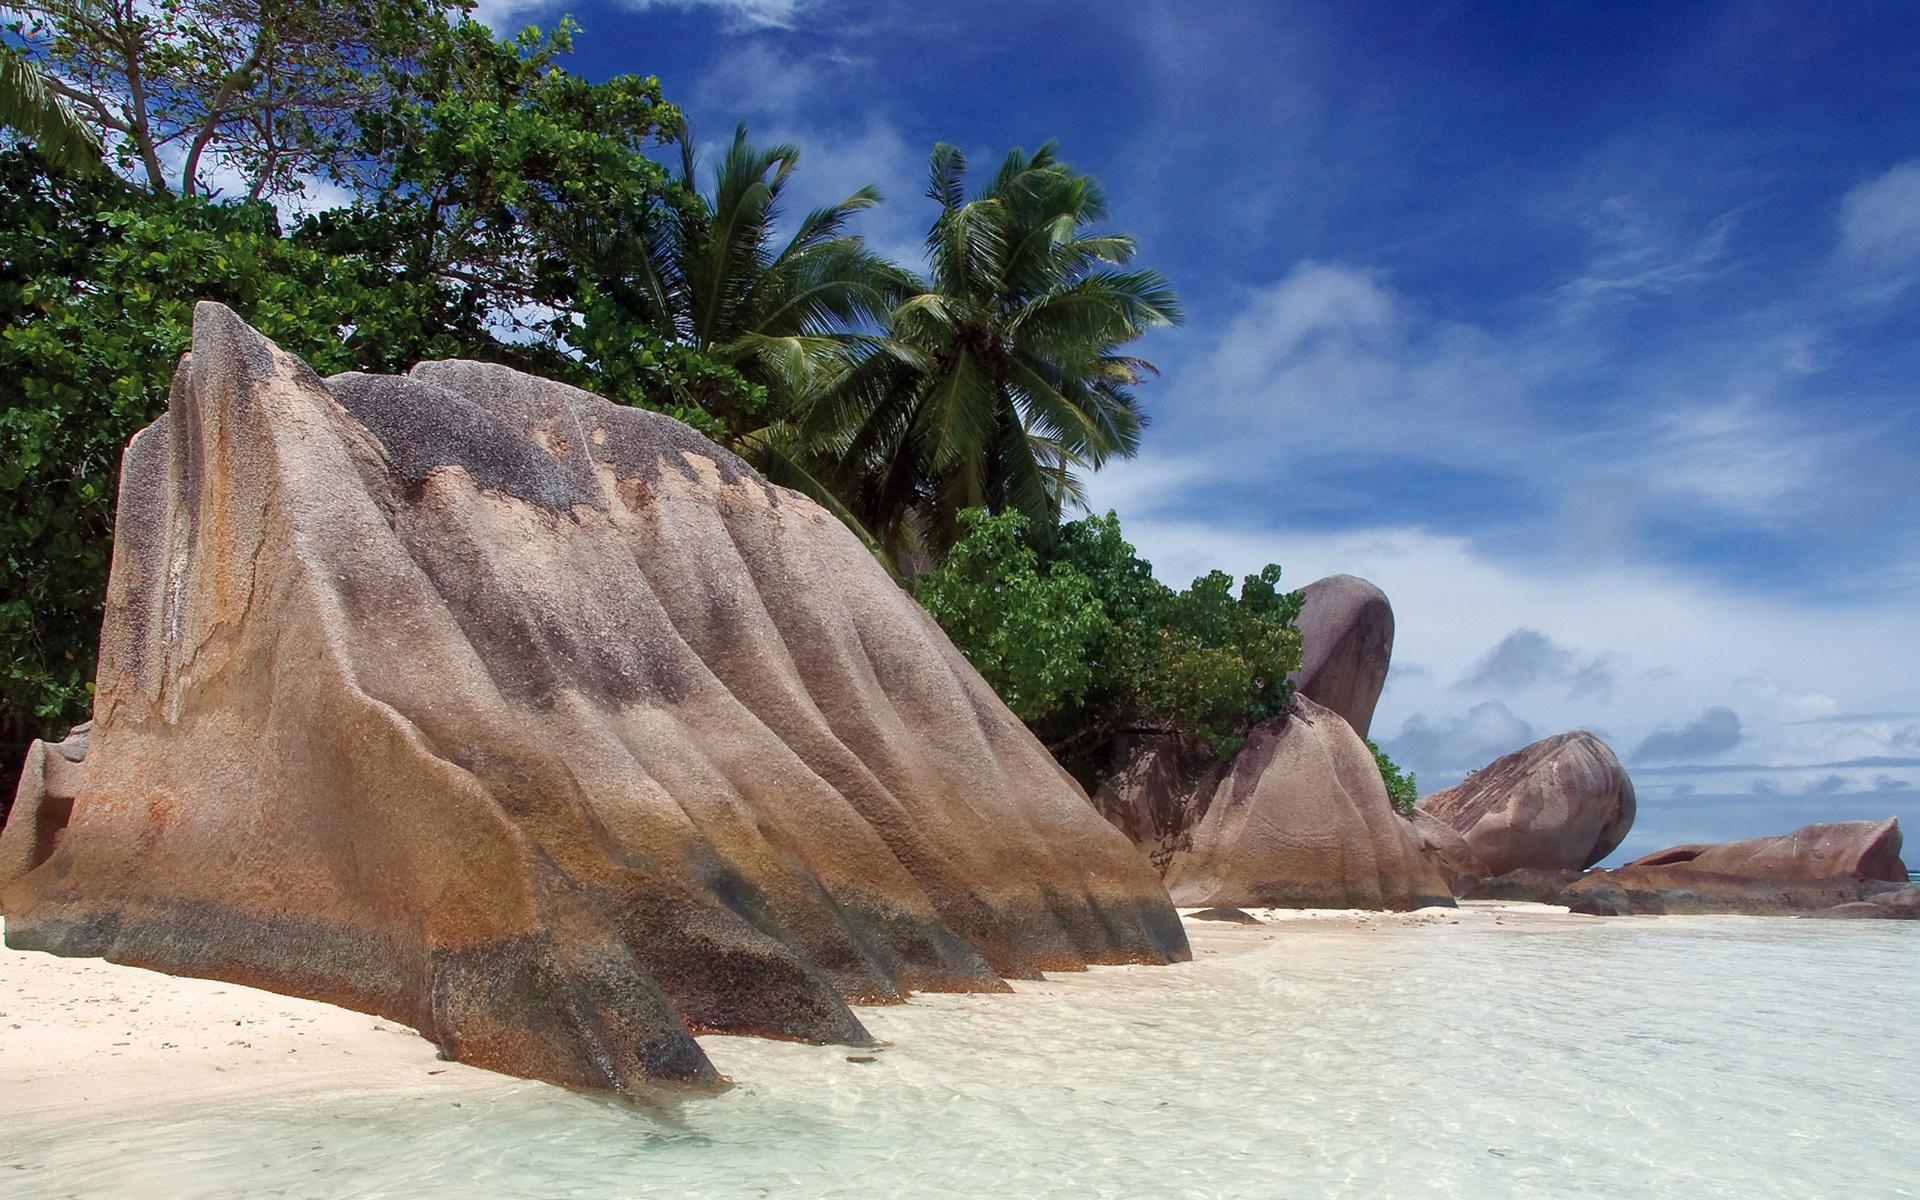 берег камни пальмы shore stones palm trees  № 792052  скачать